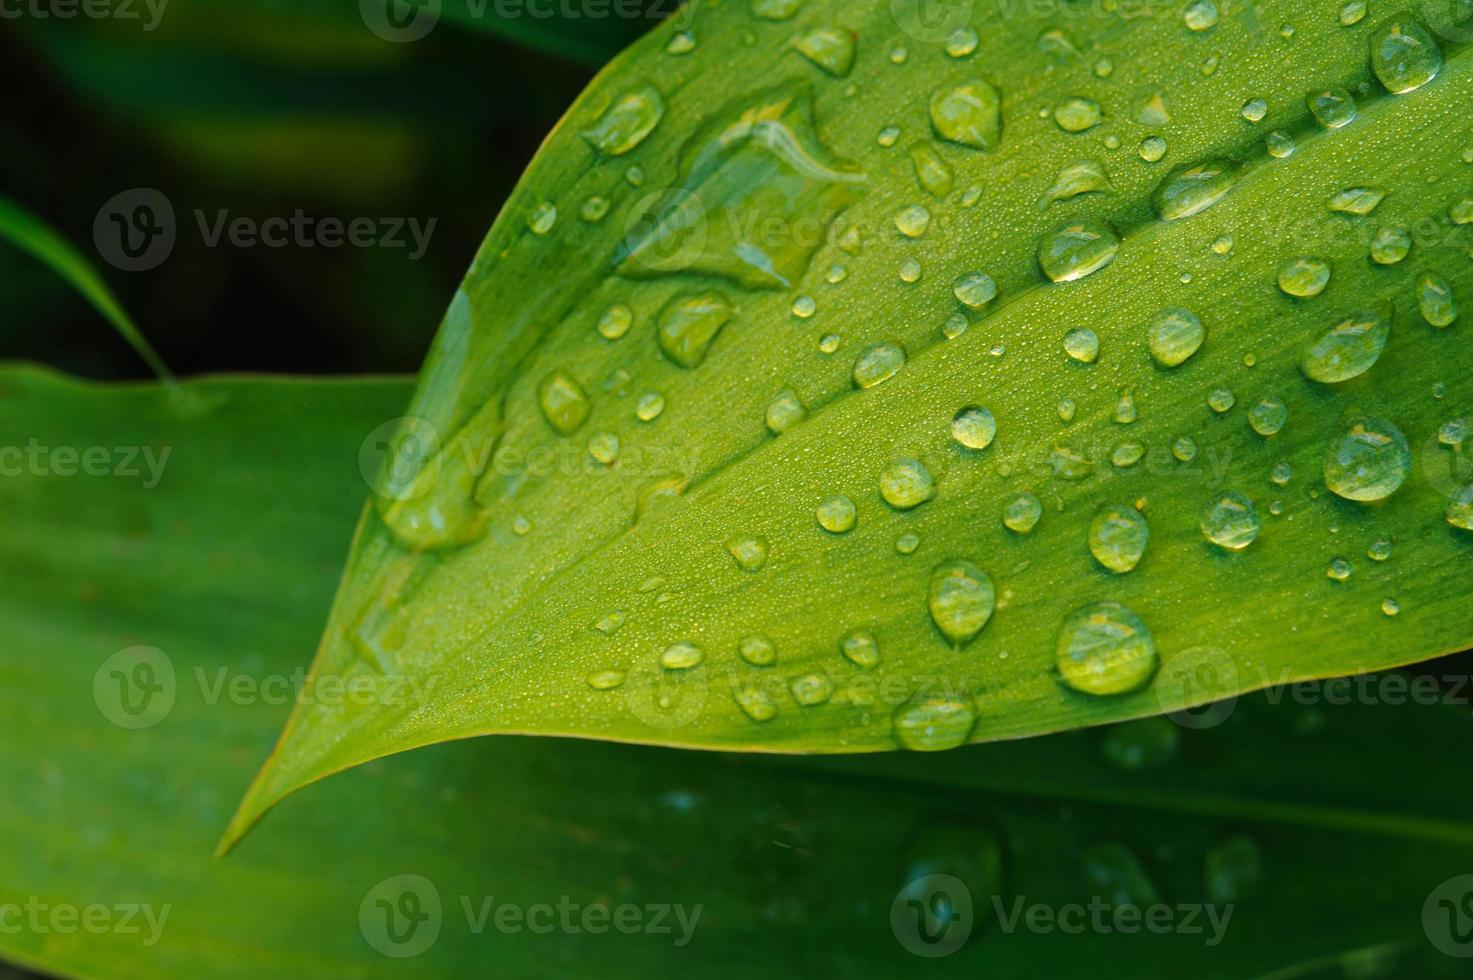 vått blad på nära håll foto